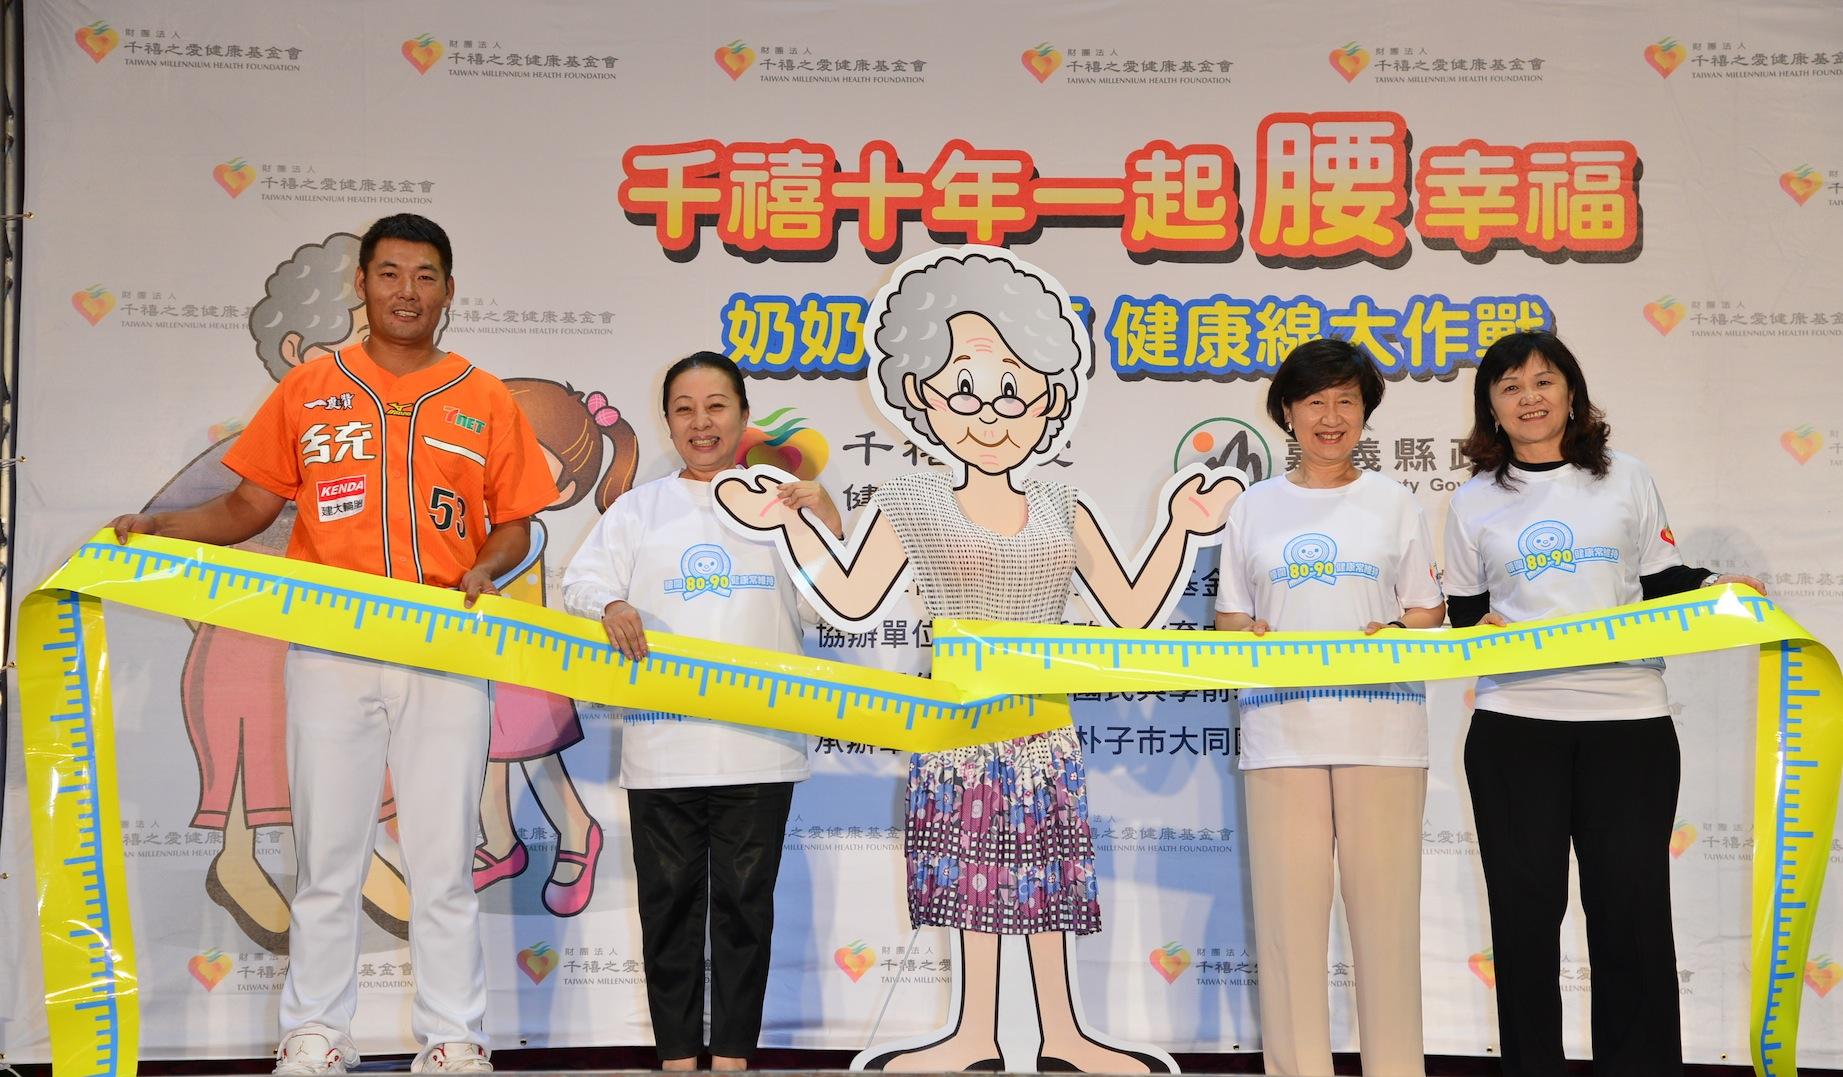 黃甘霖返鄉做公益 挑戰比教練更艱難的任務!